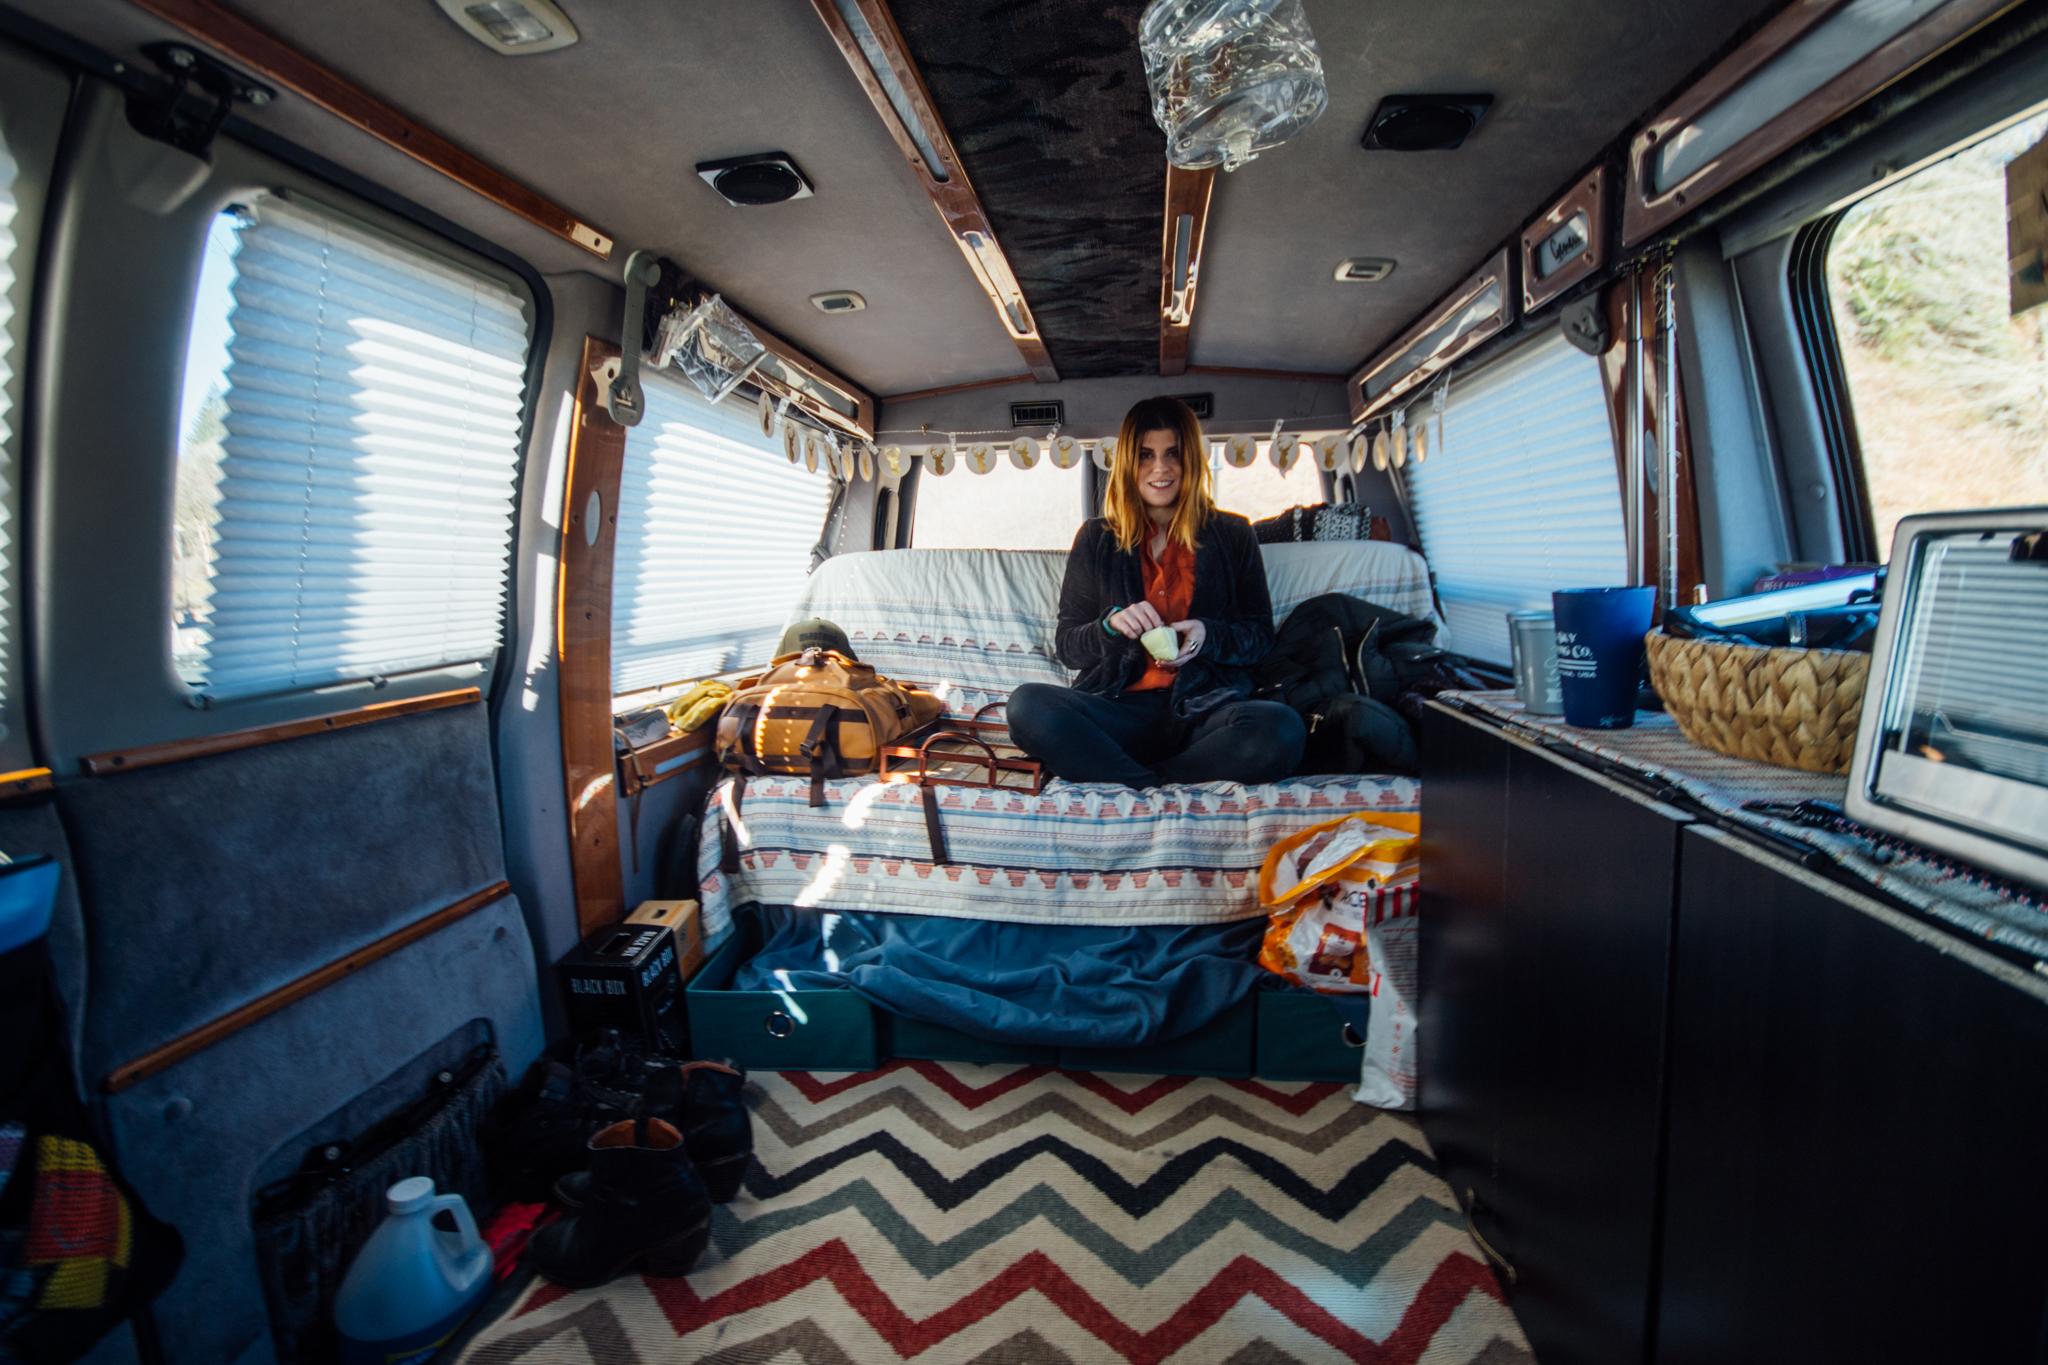 1997 Chevy Express Geneva Conversion Van camper interior